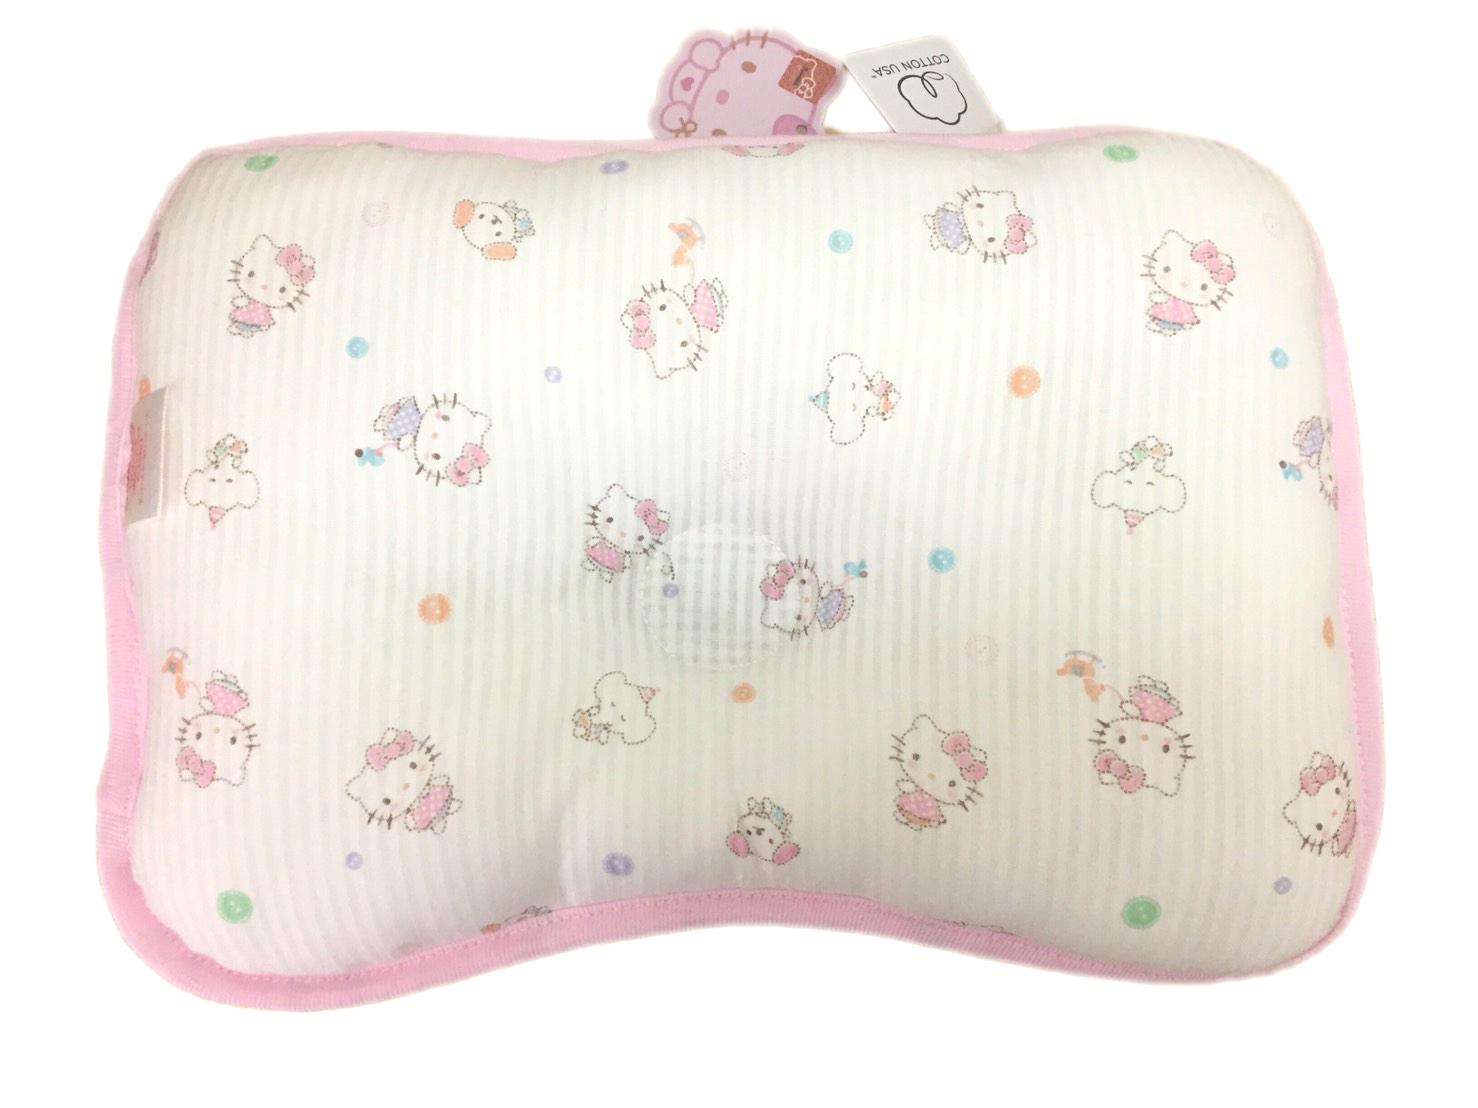 【真愛日本】12110300013 白點舒夢枕-粉 三麗鷗 Hello Kitty 凱蒂貓 嬰兒枕頭 凹型枕 正品